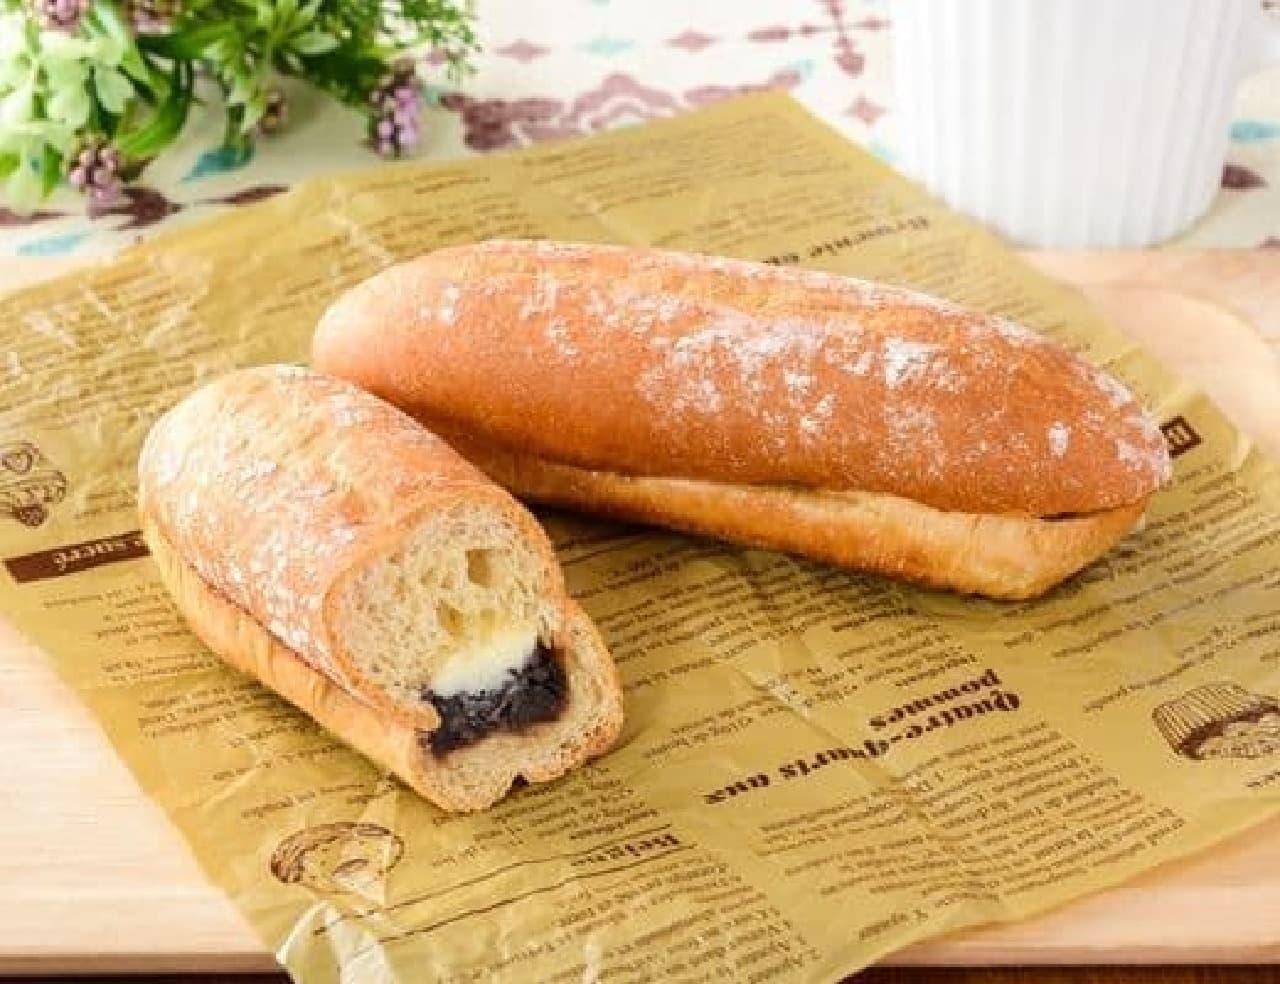 ローソン「NL もち麦のあんフランスパン発酵バター入りマーガリン使用」